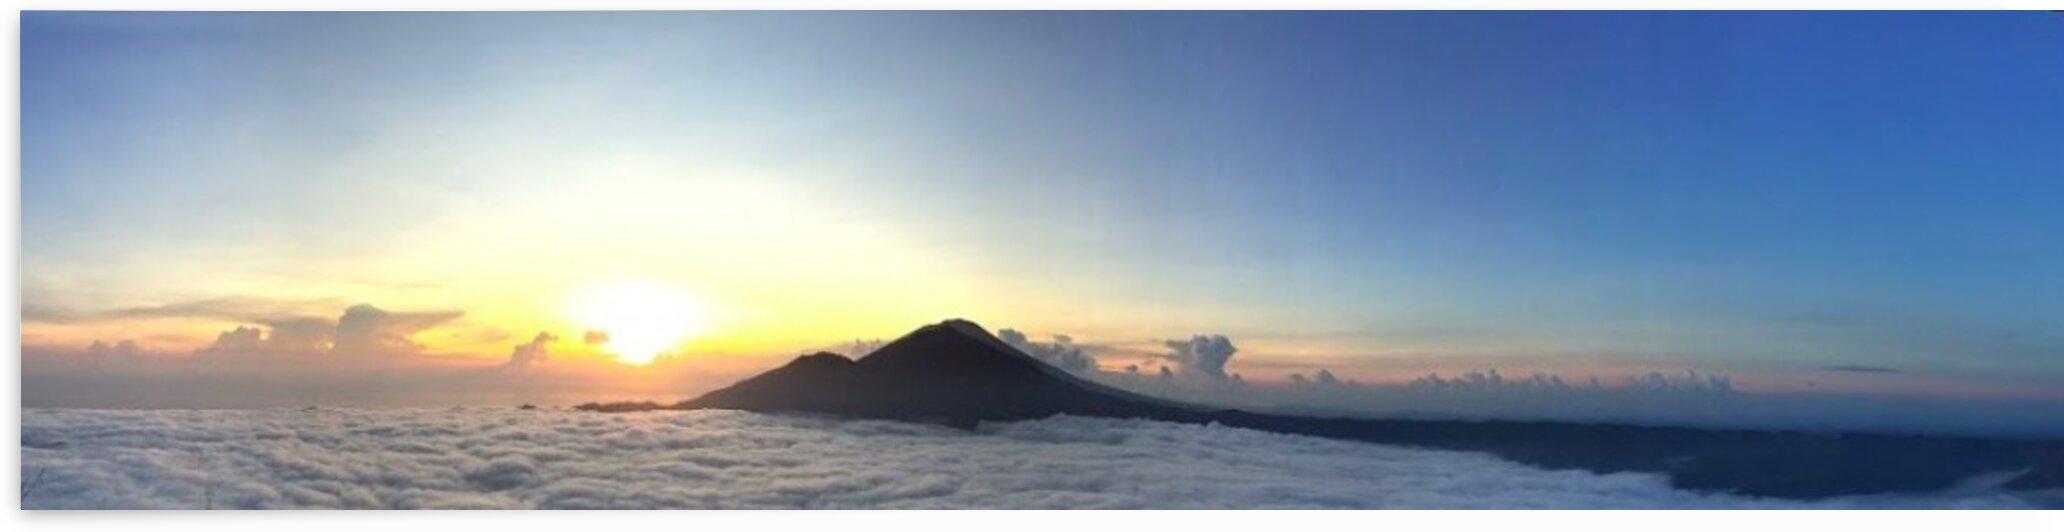 Mount Batur Sunrise  by VantagePoint